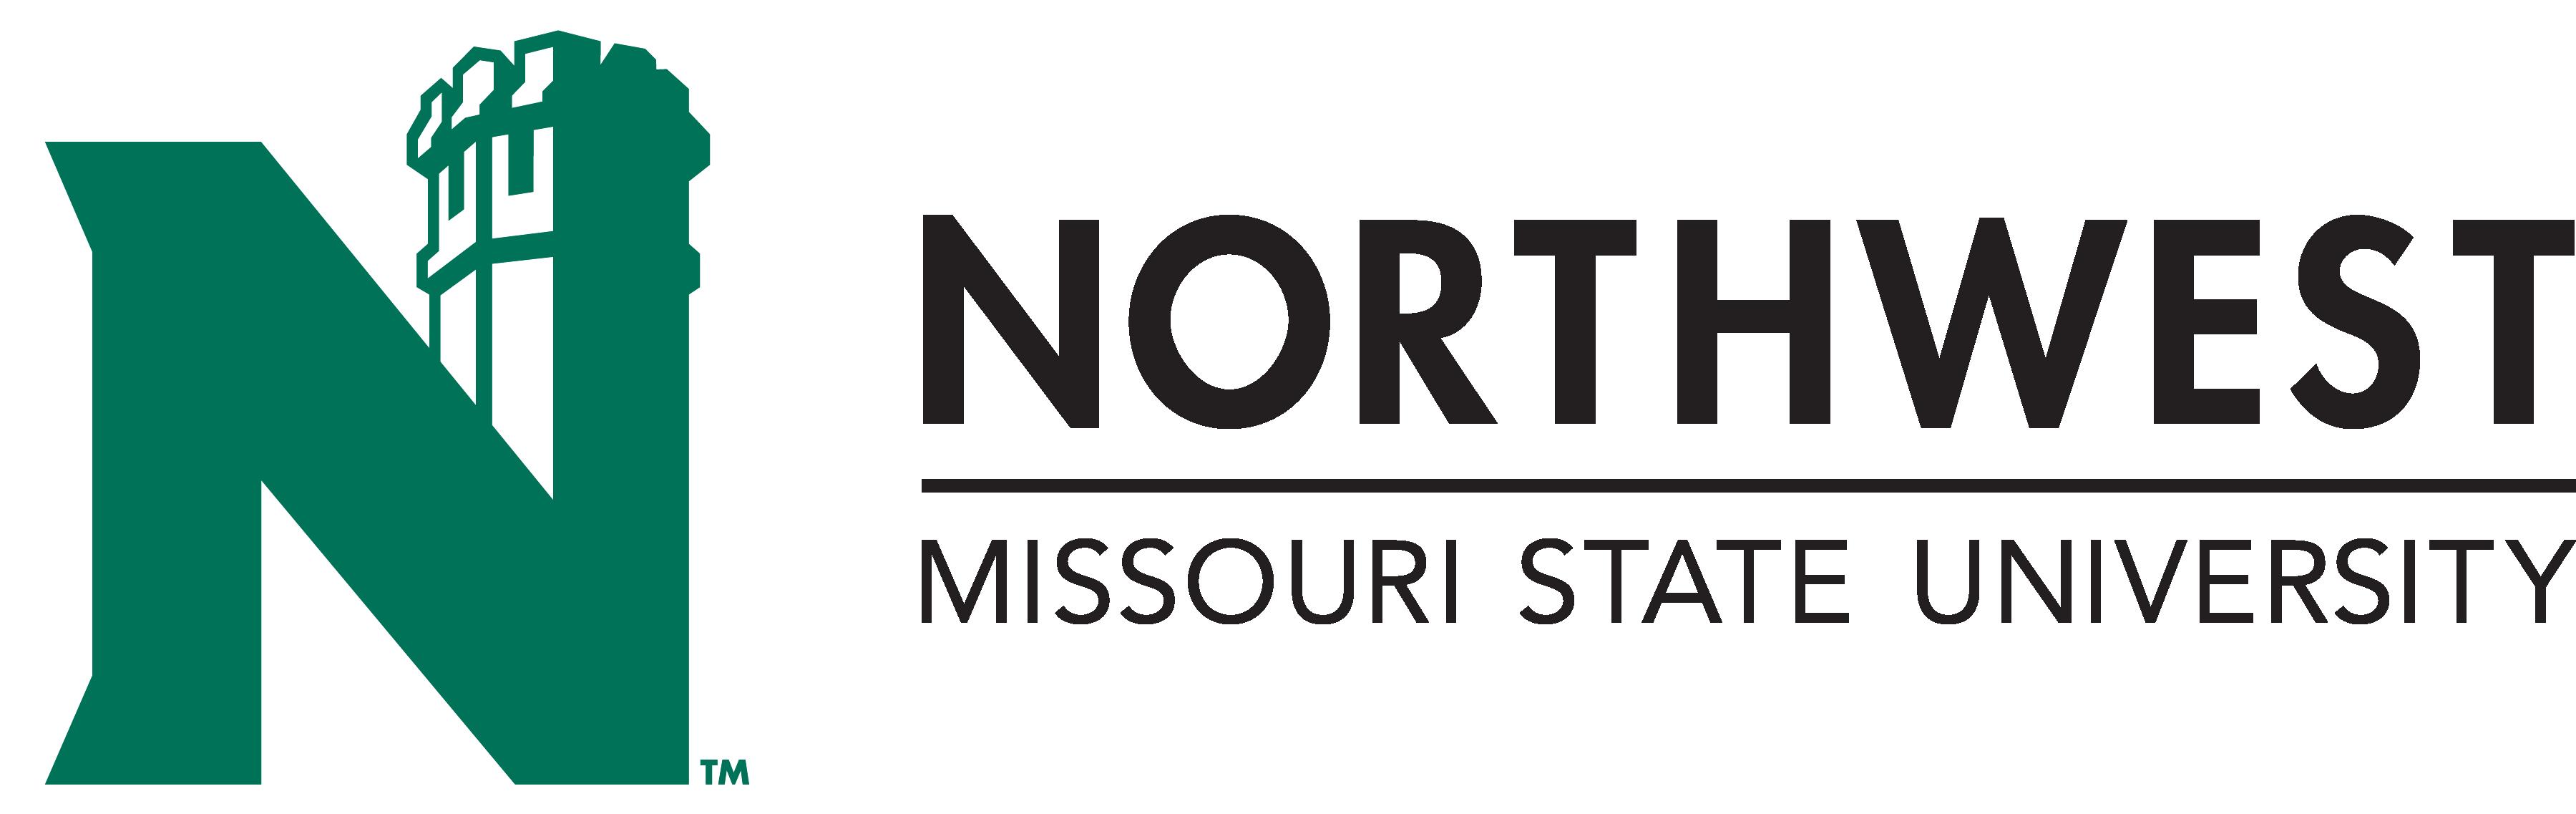 design university marketing and communication northwest